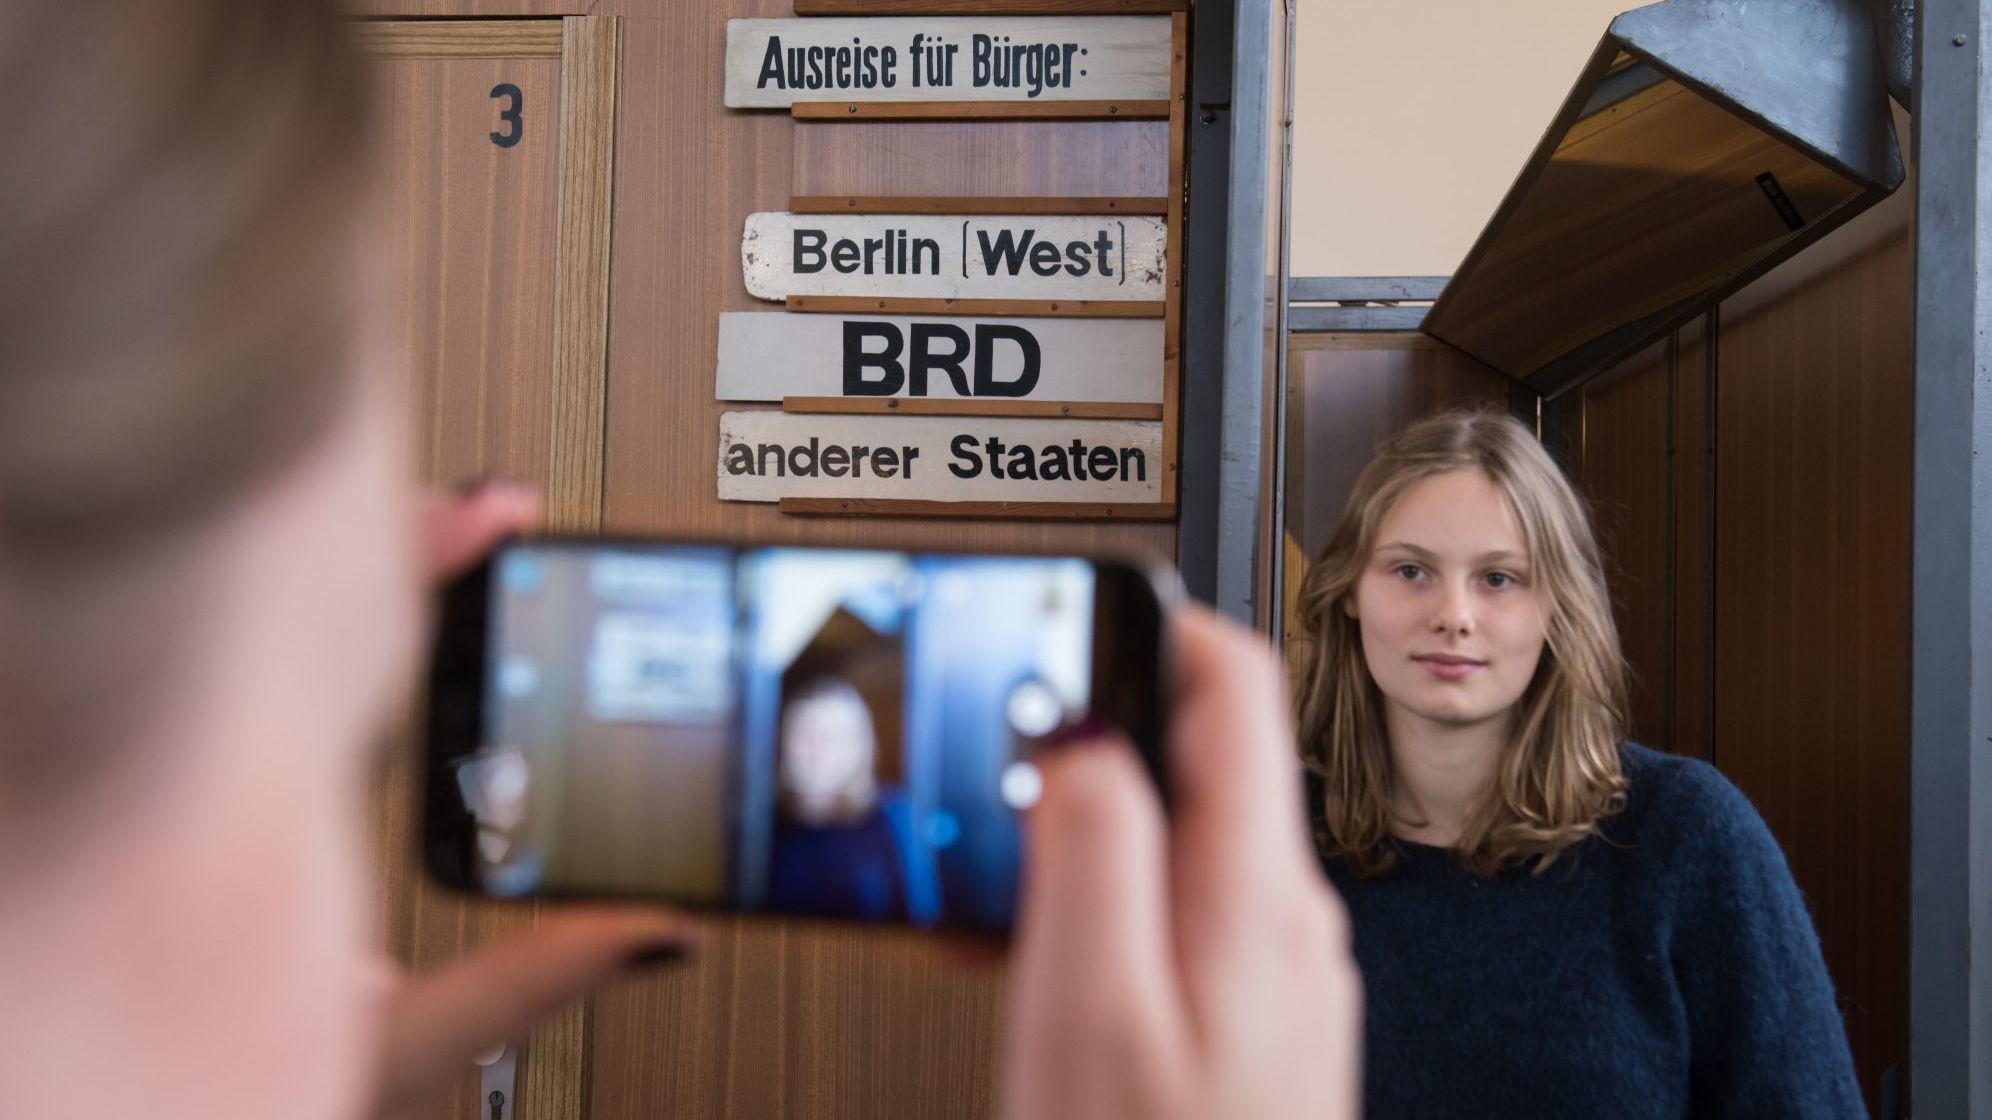 Im Hintergrund eines junges Mädchen das in einem Türrahmen posiert für eine Kameraaufnahme mit dem Smartphone, das man im Vordergrund des Bildes sieht